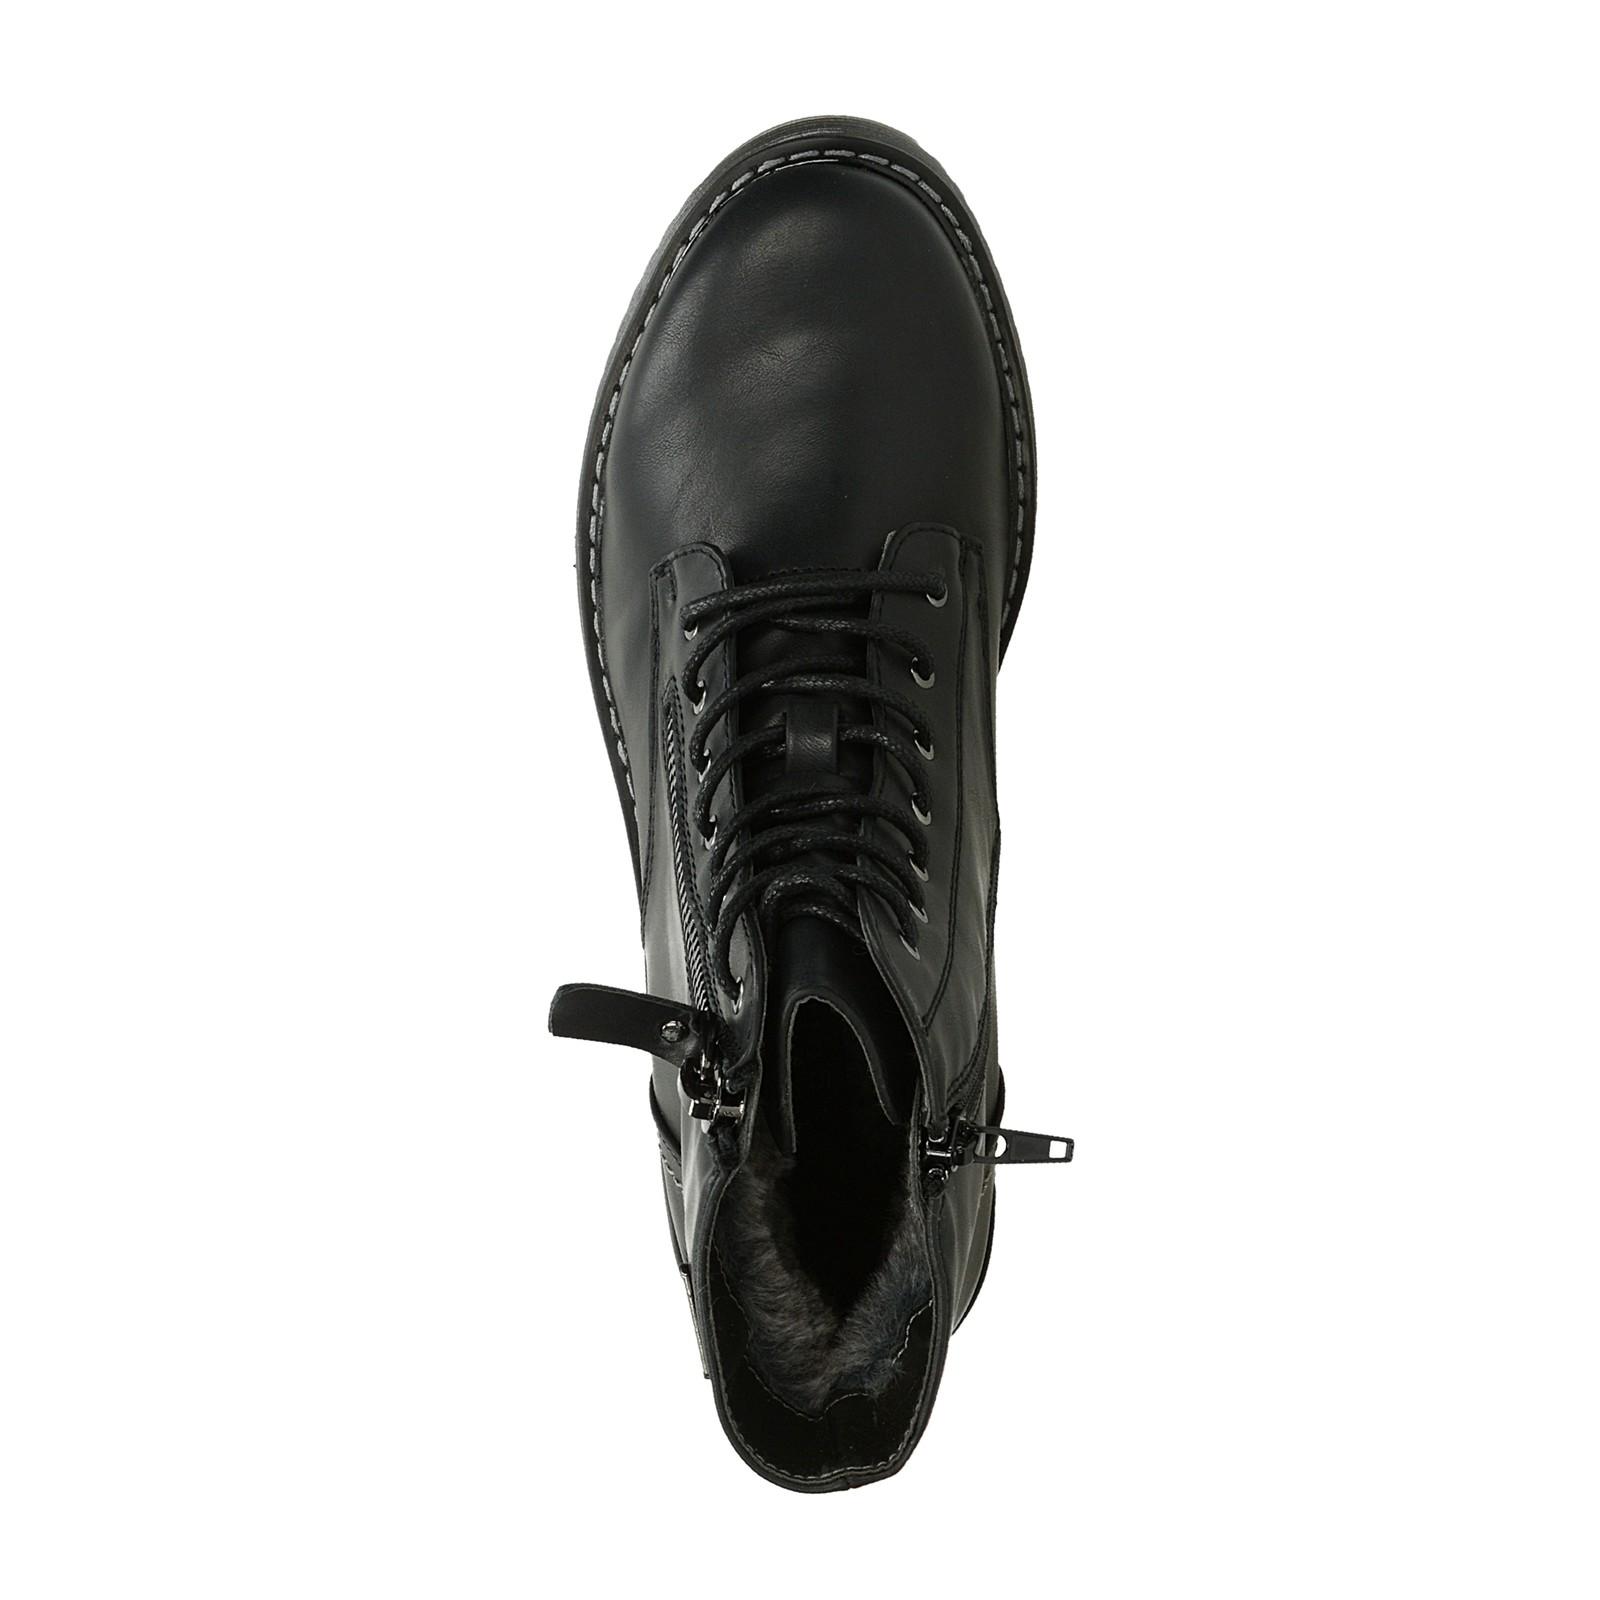 adce30d32db Bugatti dámské kožené zateplené kotníkové boty - černé ...